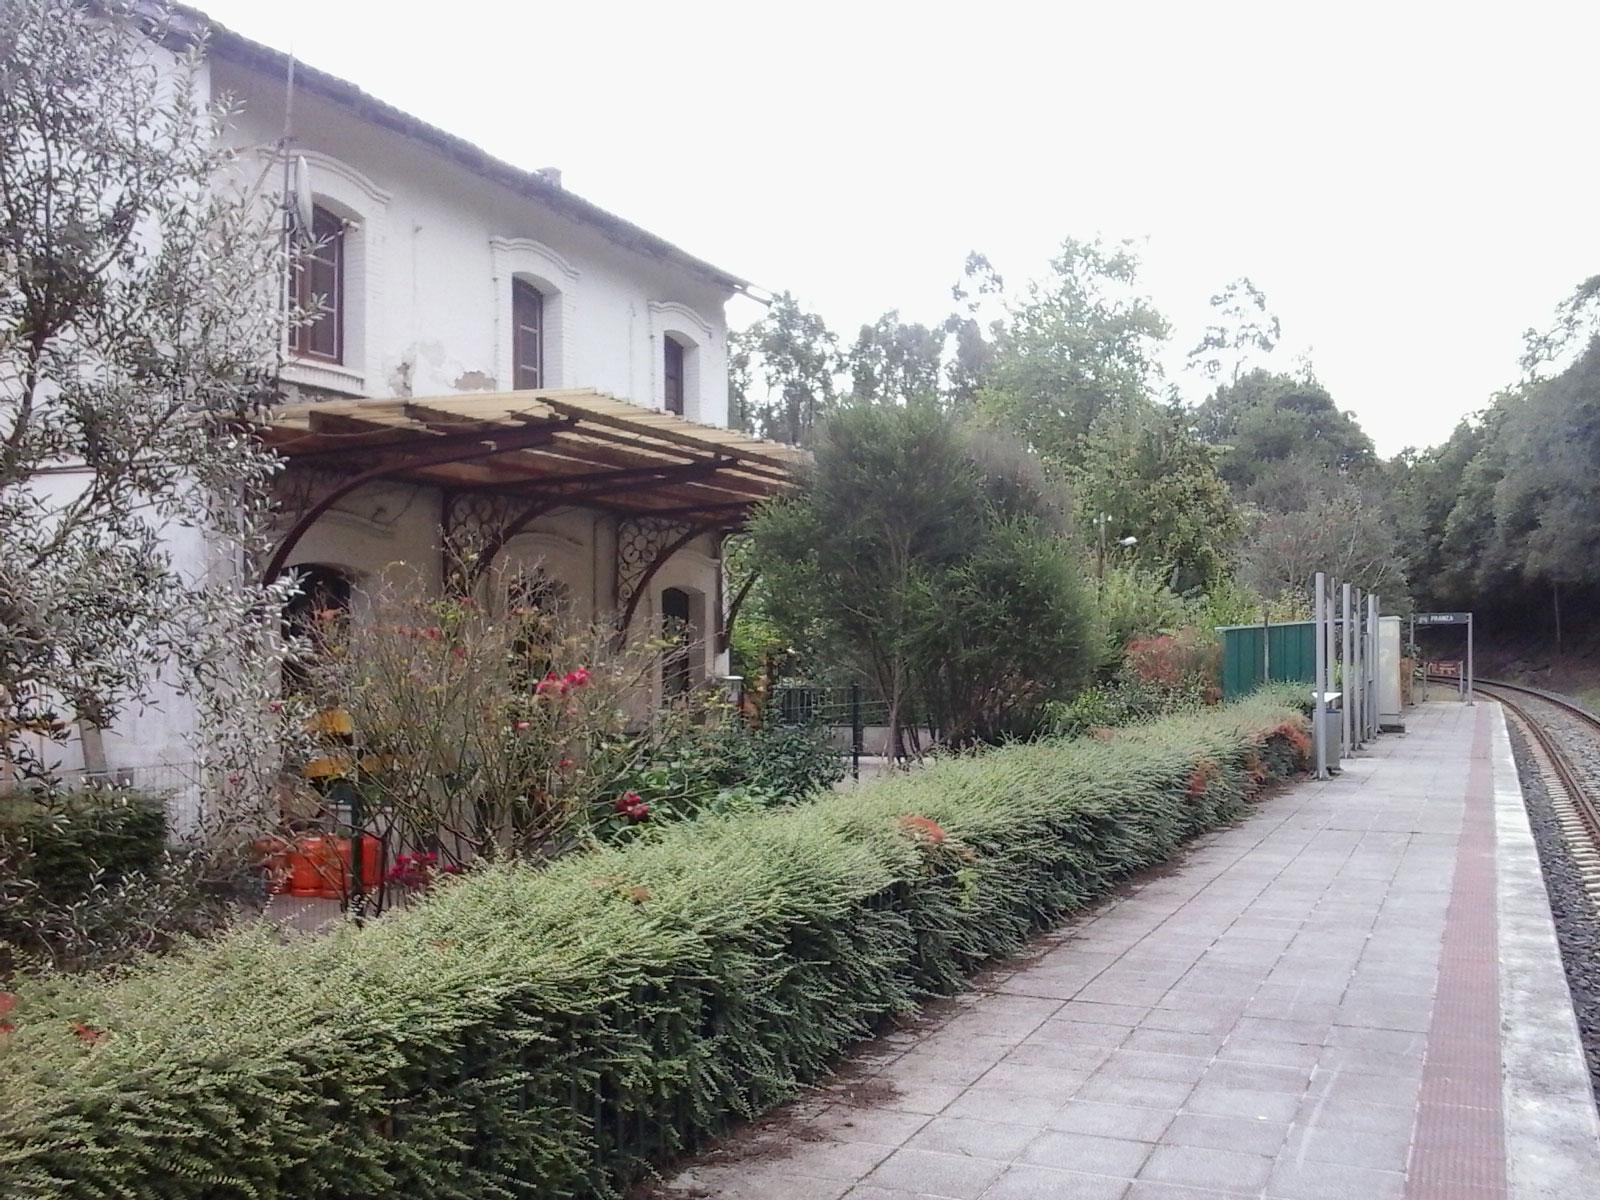 Estación de Franza